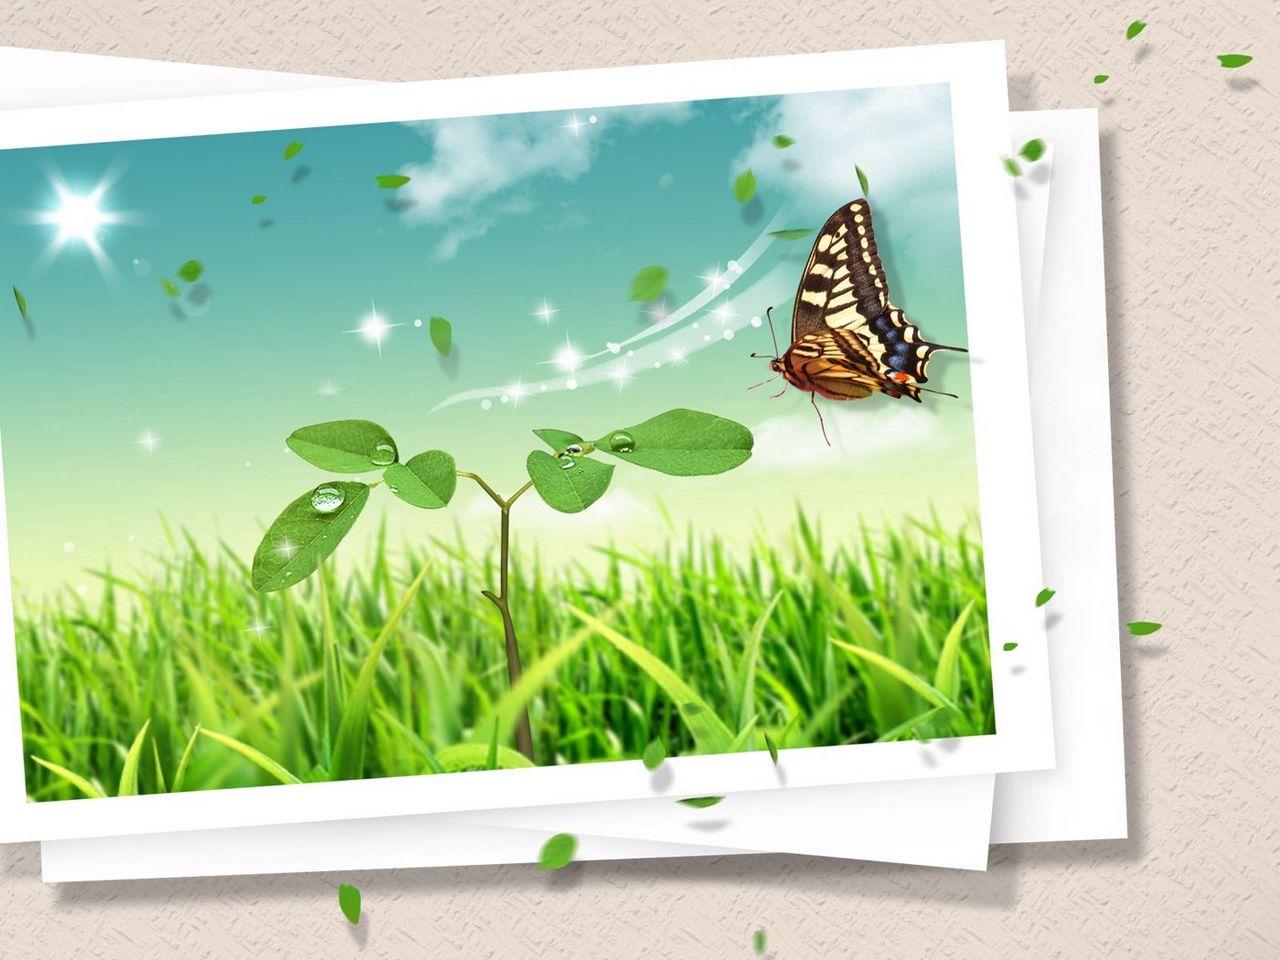 1280x960 Обои фотокарточка, бабочка, клипарт